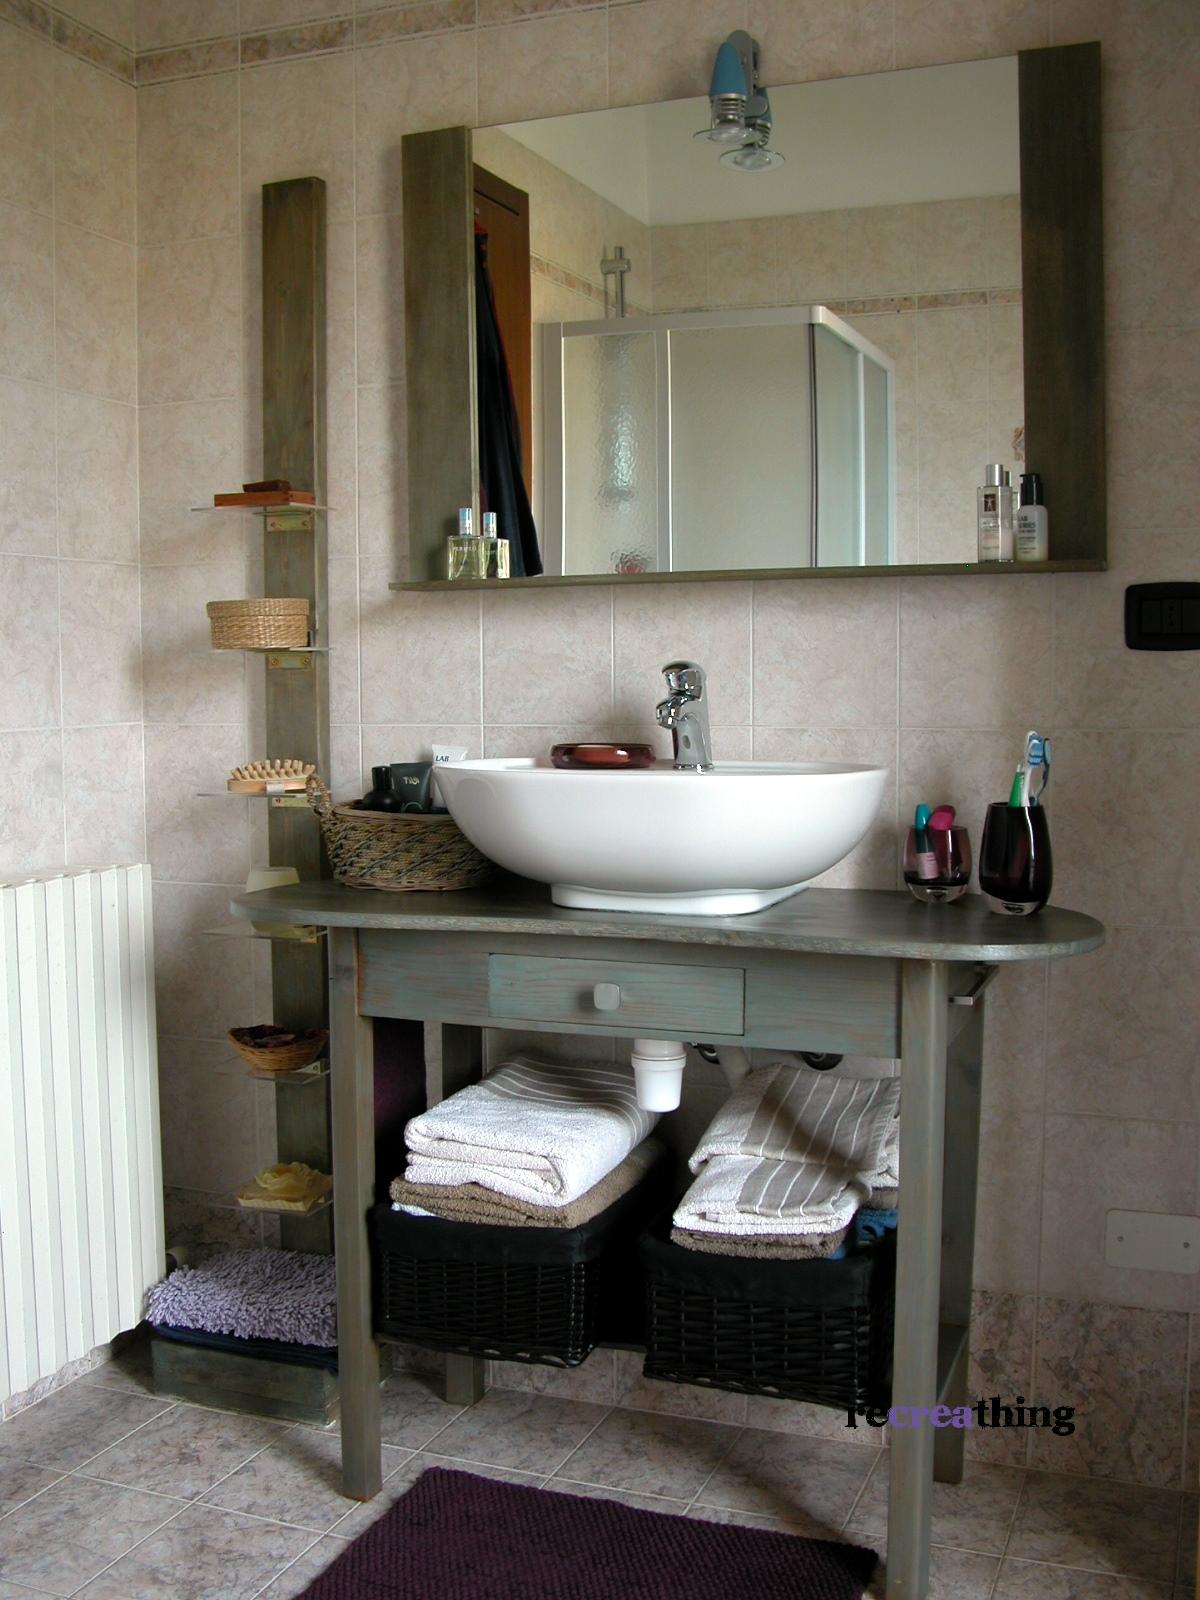 Il mio nuovo bagno recreathing - Devo rifare il bagno ...